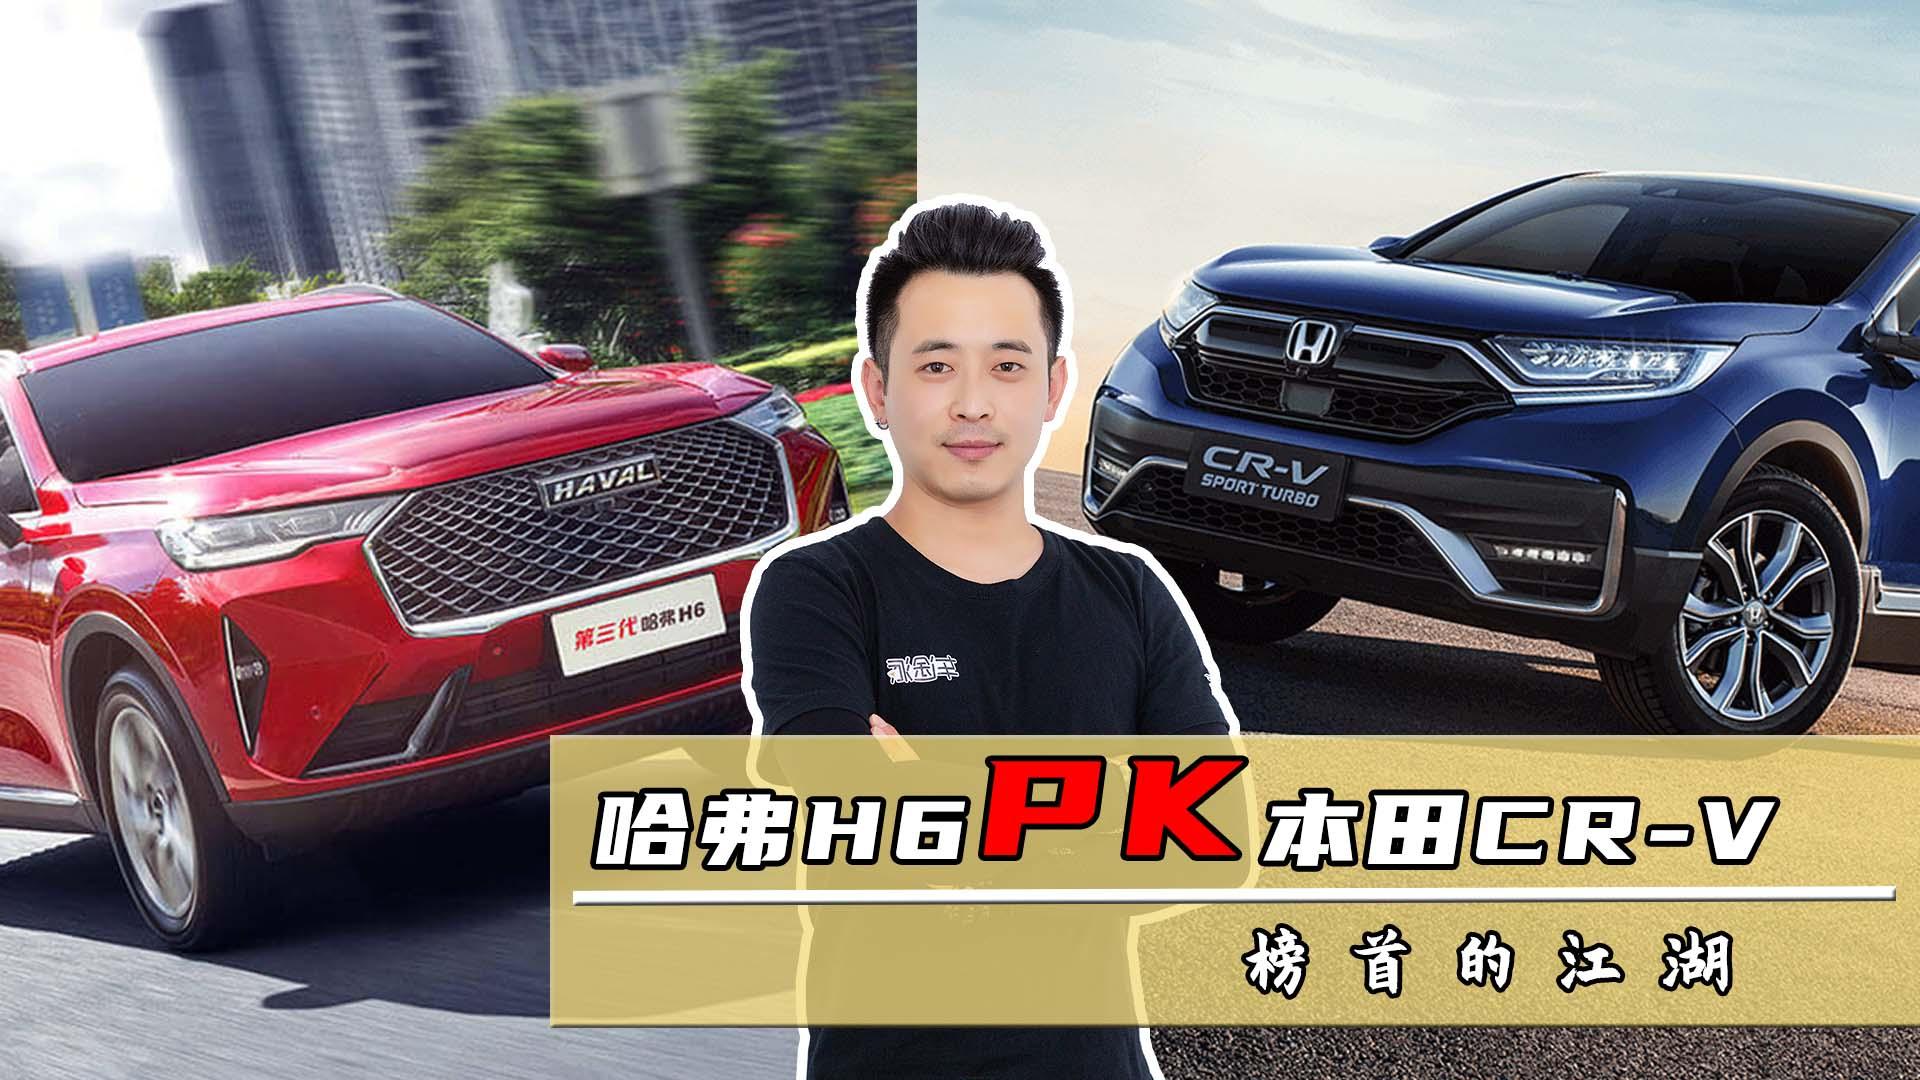 视频:刘一说车,CR-V销量超越哈弗H6,本田的进步,还是长城的退步?